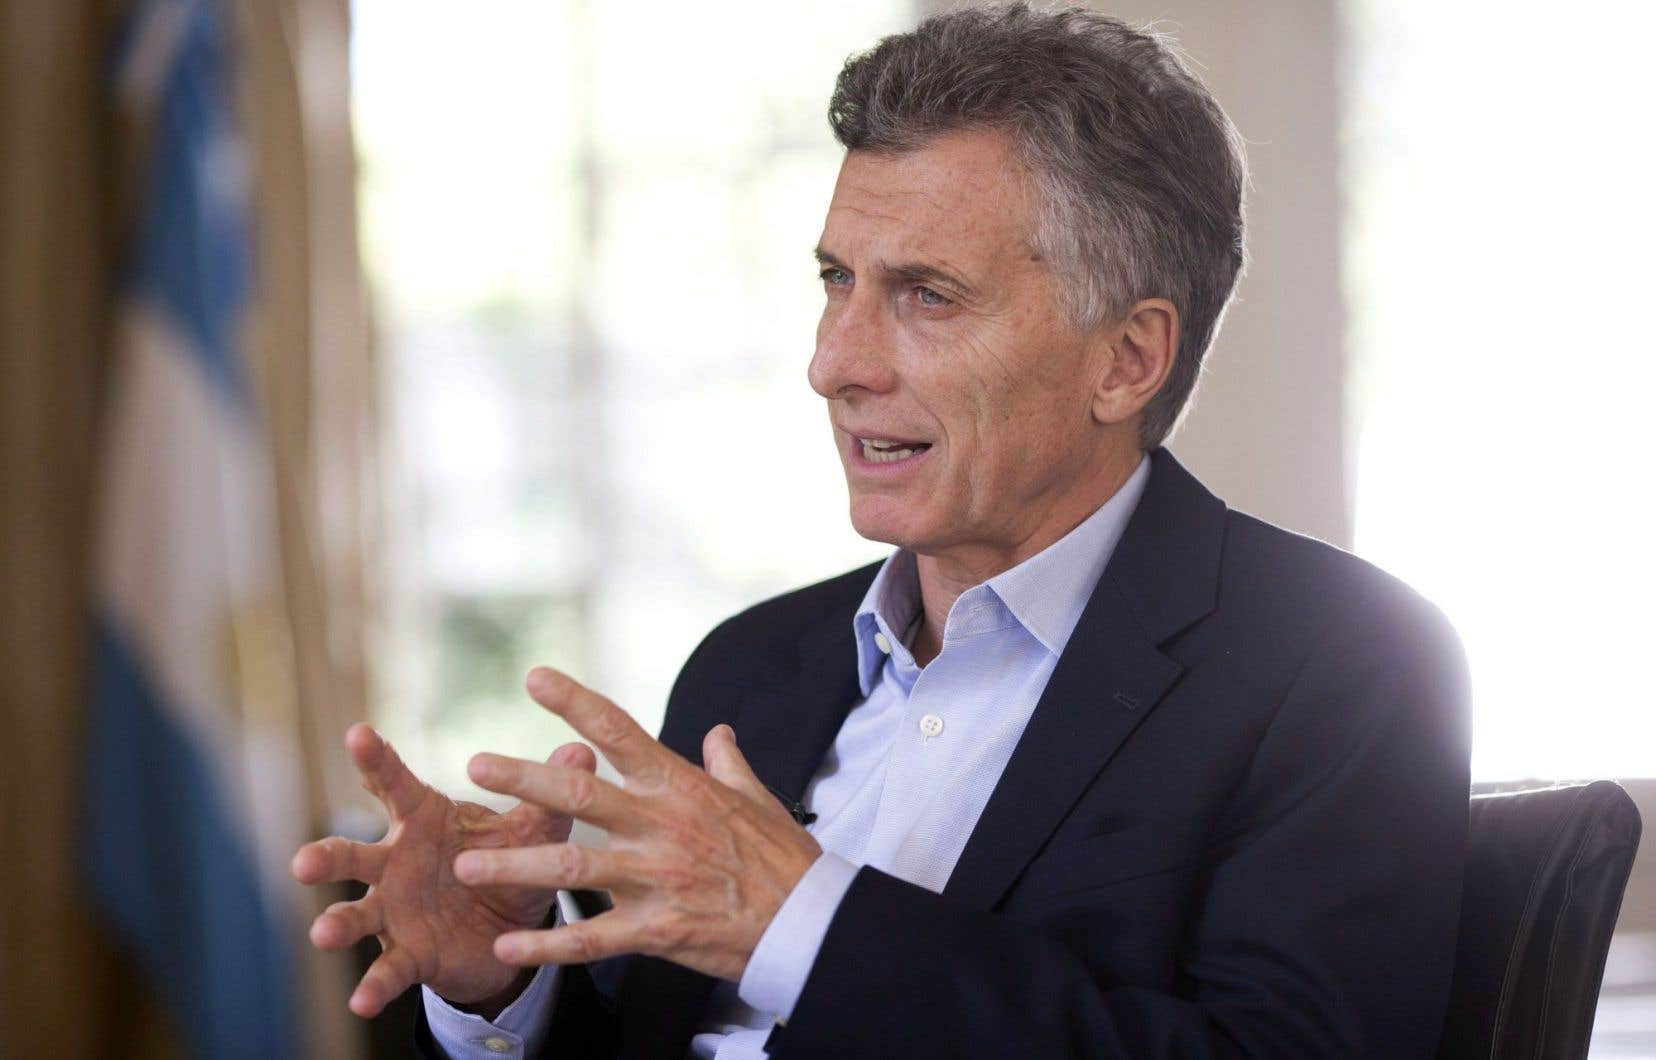 L'adoption du texte est une victoire politique pour le nouveau président Mauricio Macri, dont la coalition est en minorité dans les deux chambres du Congrès.